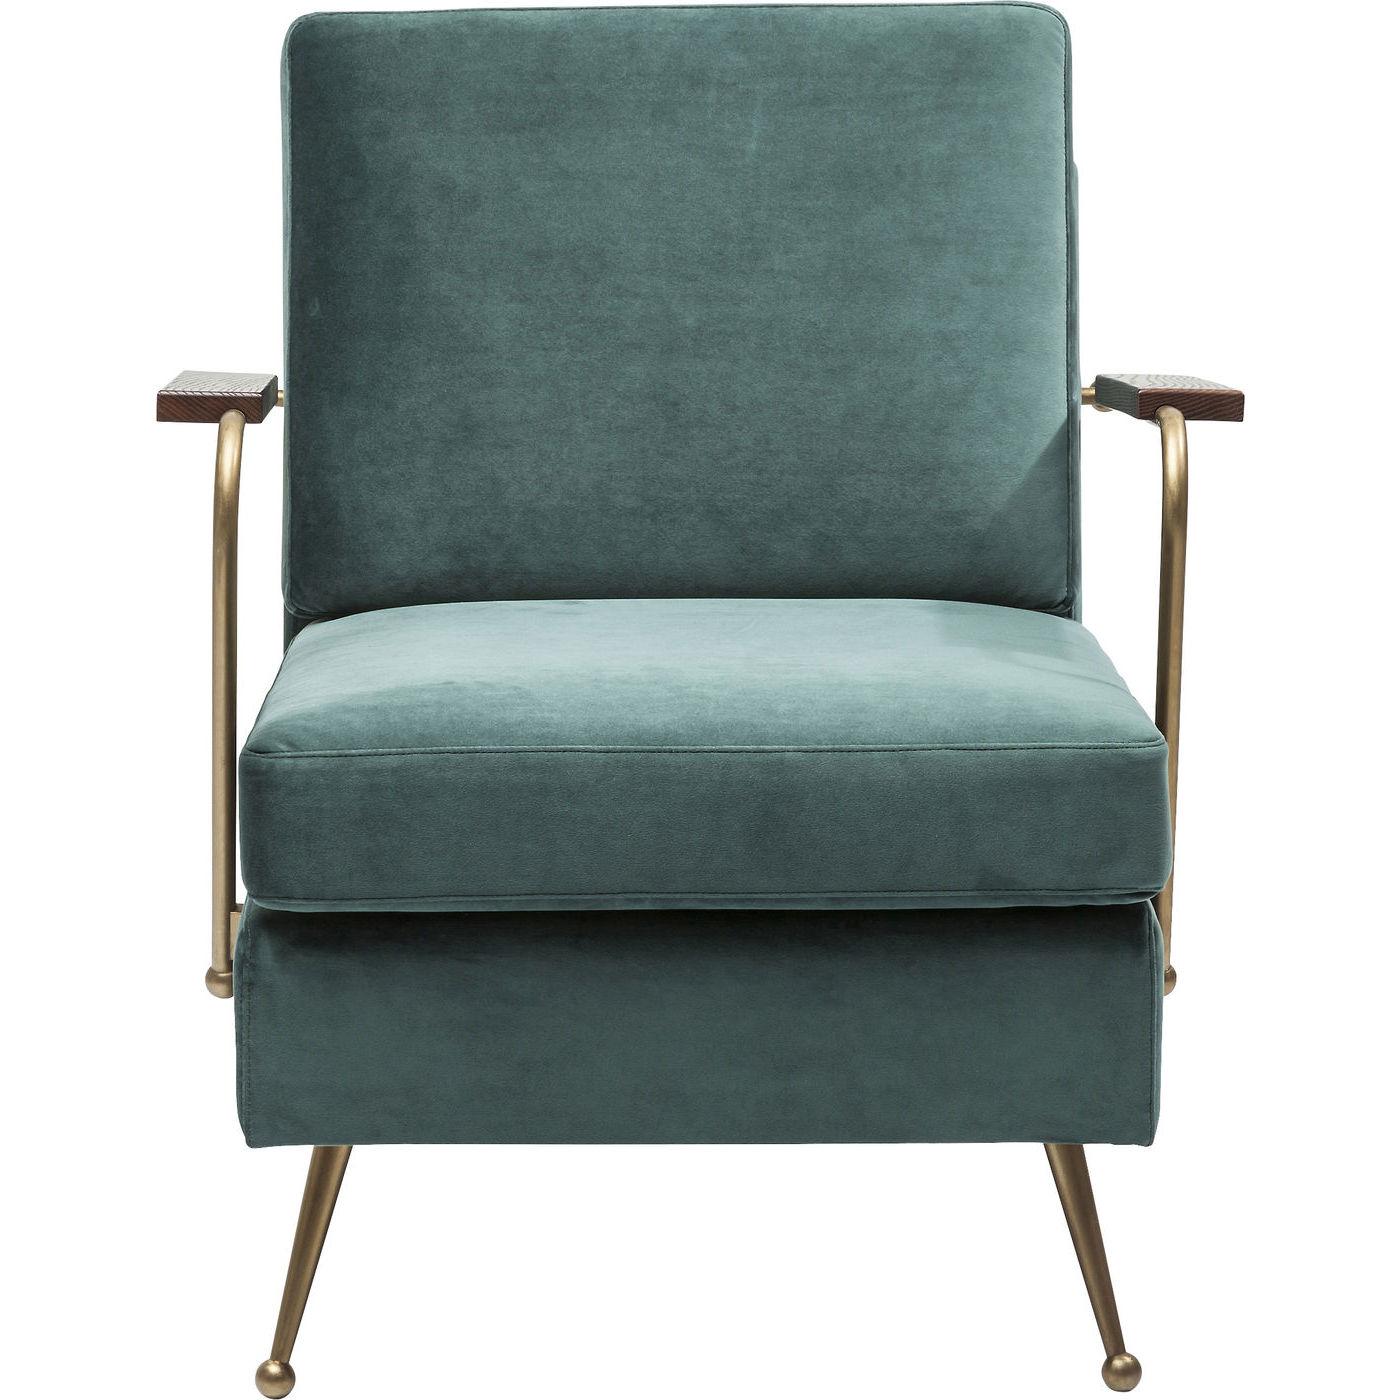 Billede af Kare Design Hvilestol m. Armlæn, Gamble